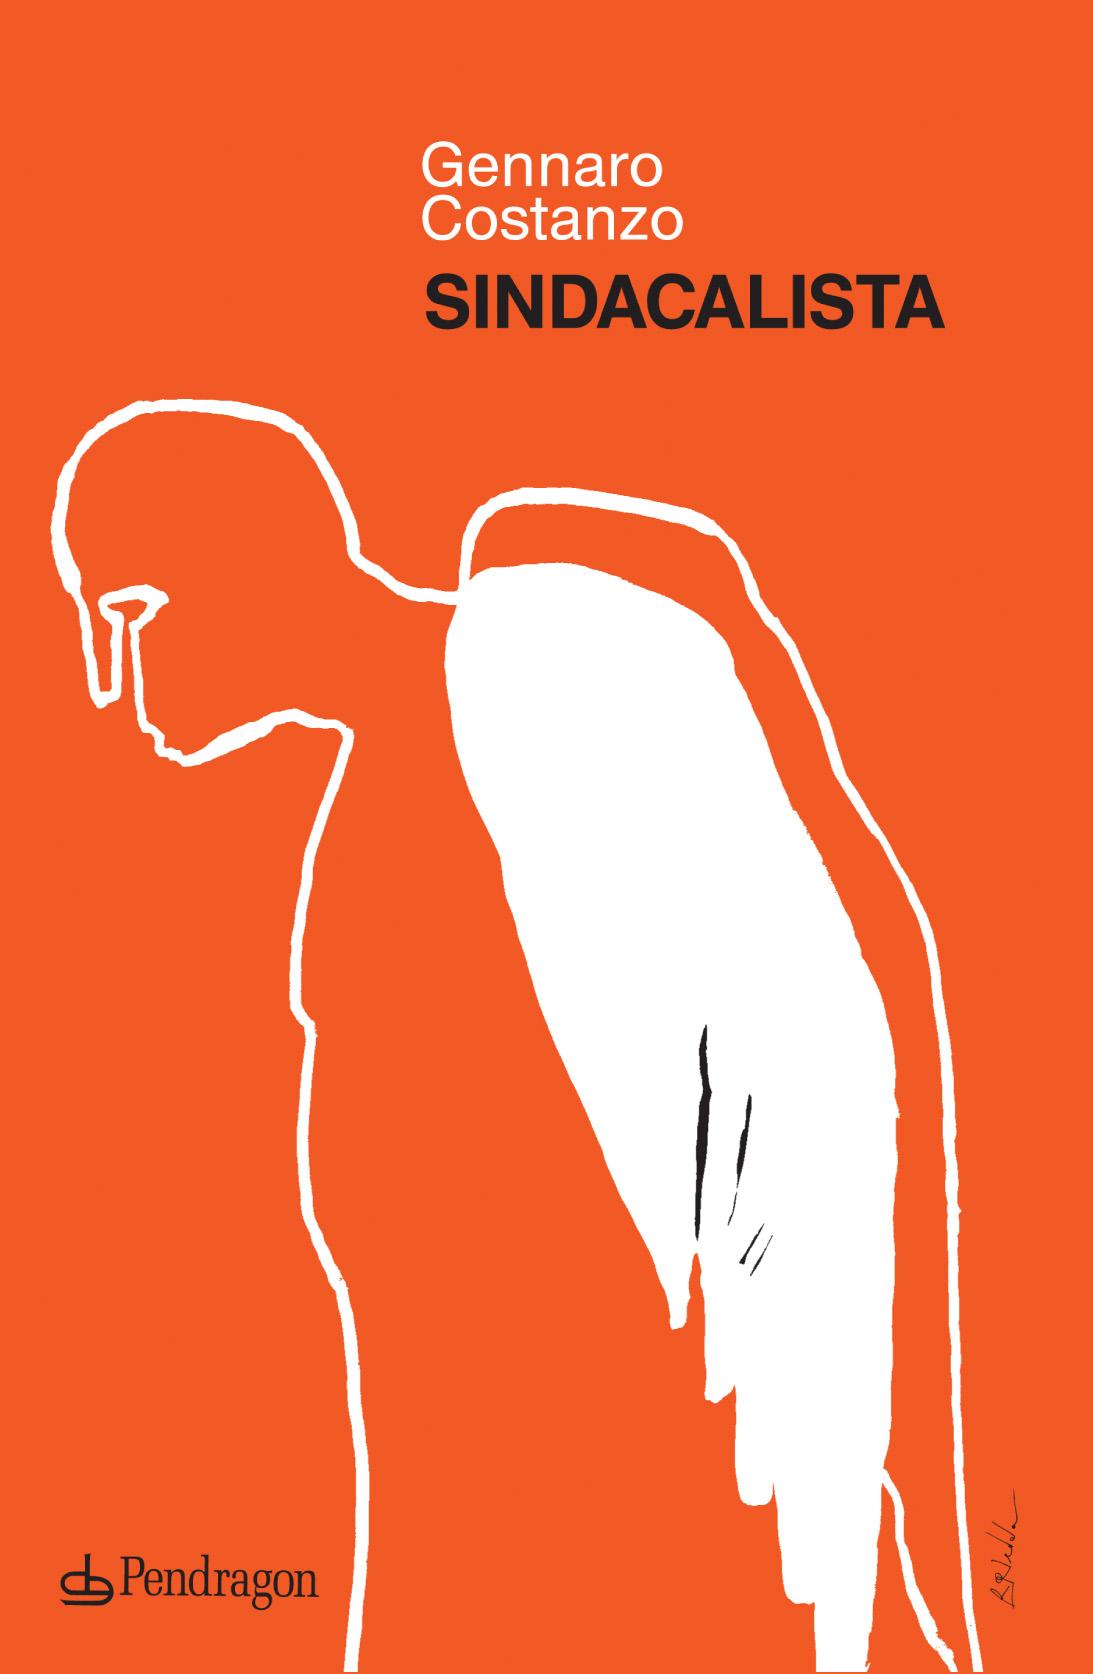 Sindacalista